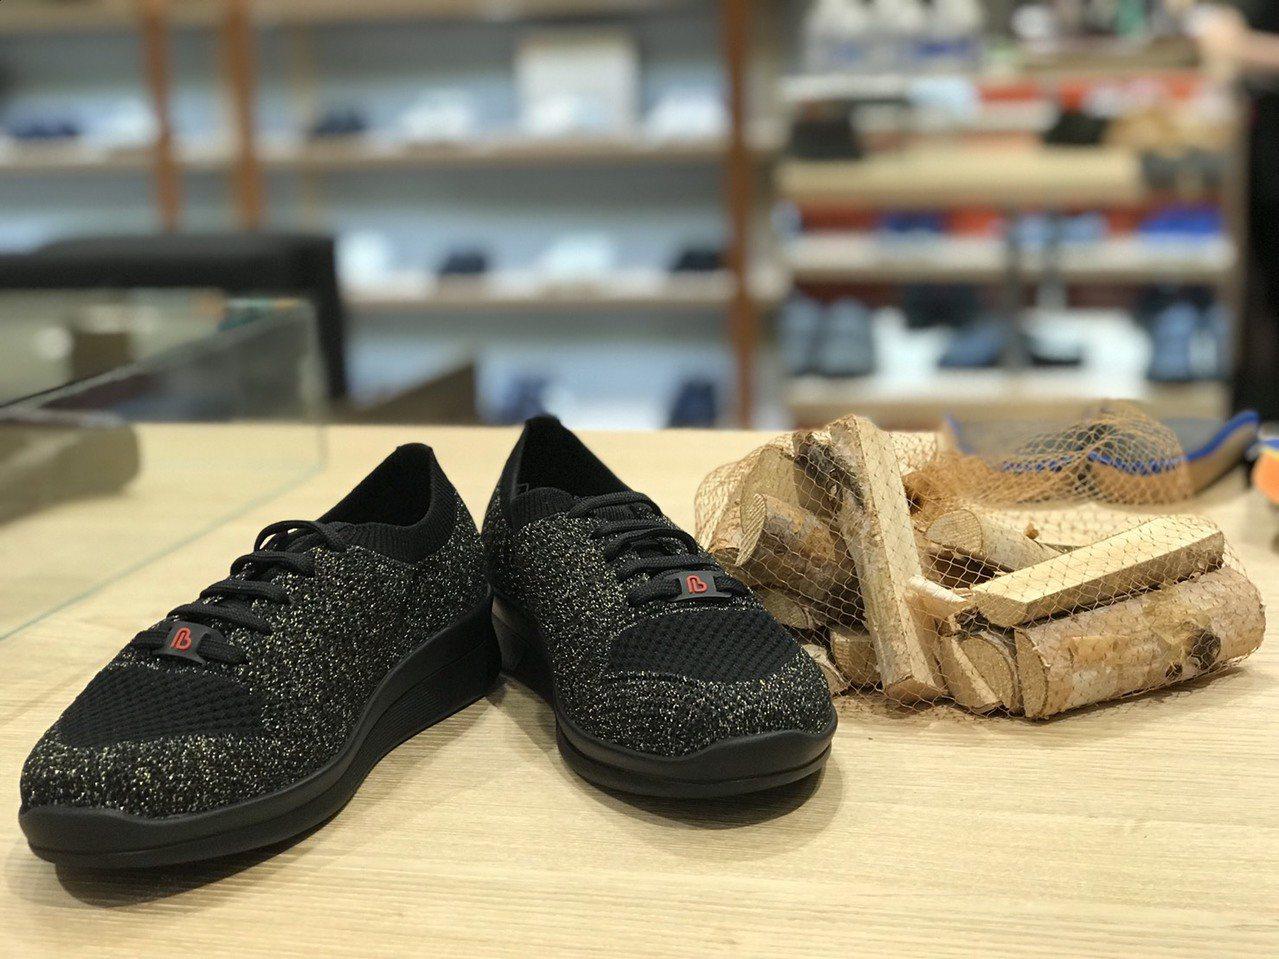 繃帶織線鞋秋冬新款式Aldina,以黑帶金線交織成鞋面,用色相當亮眼。圖/Ber...